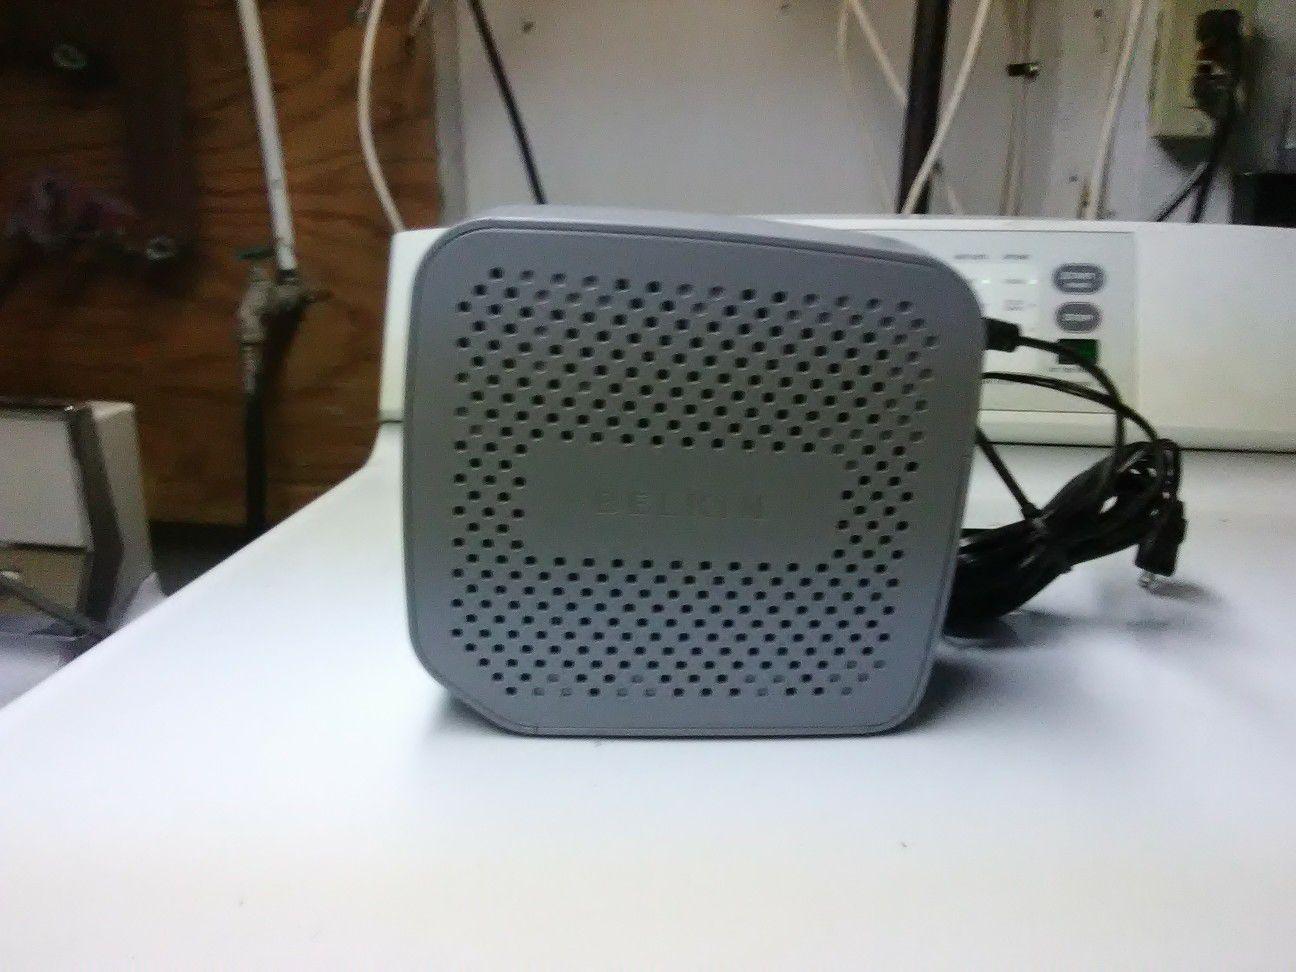 Belkin batter backup router